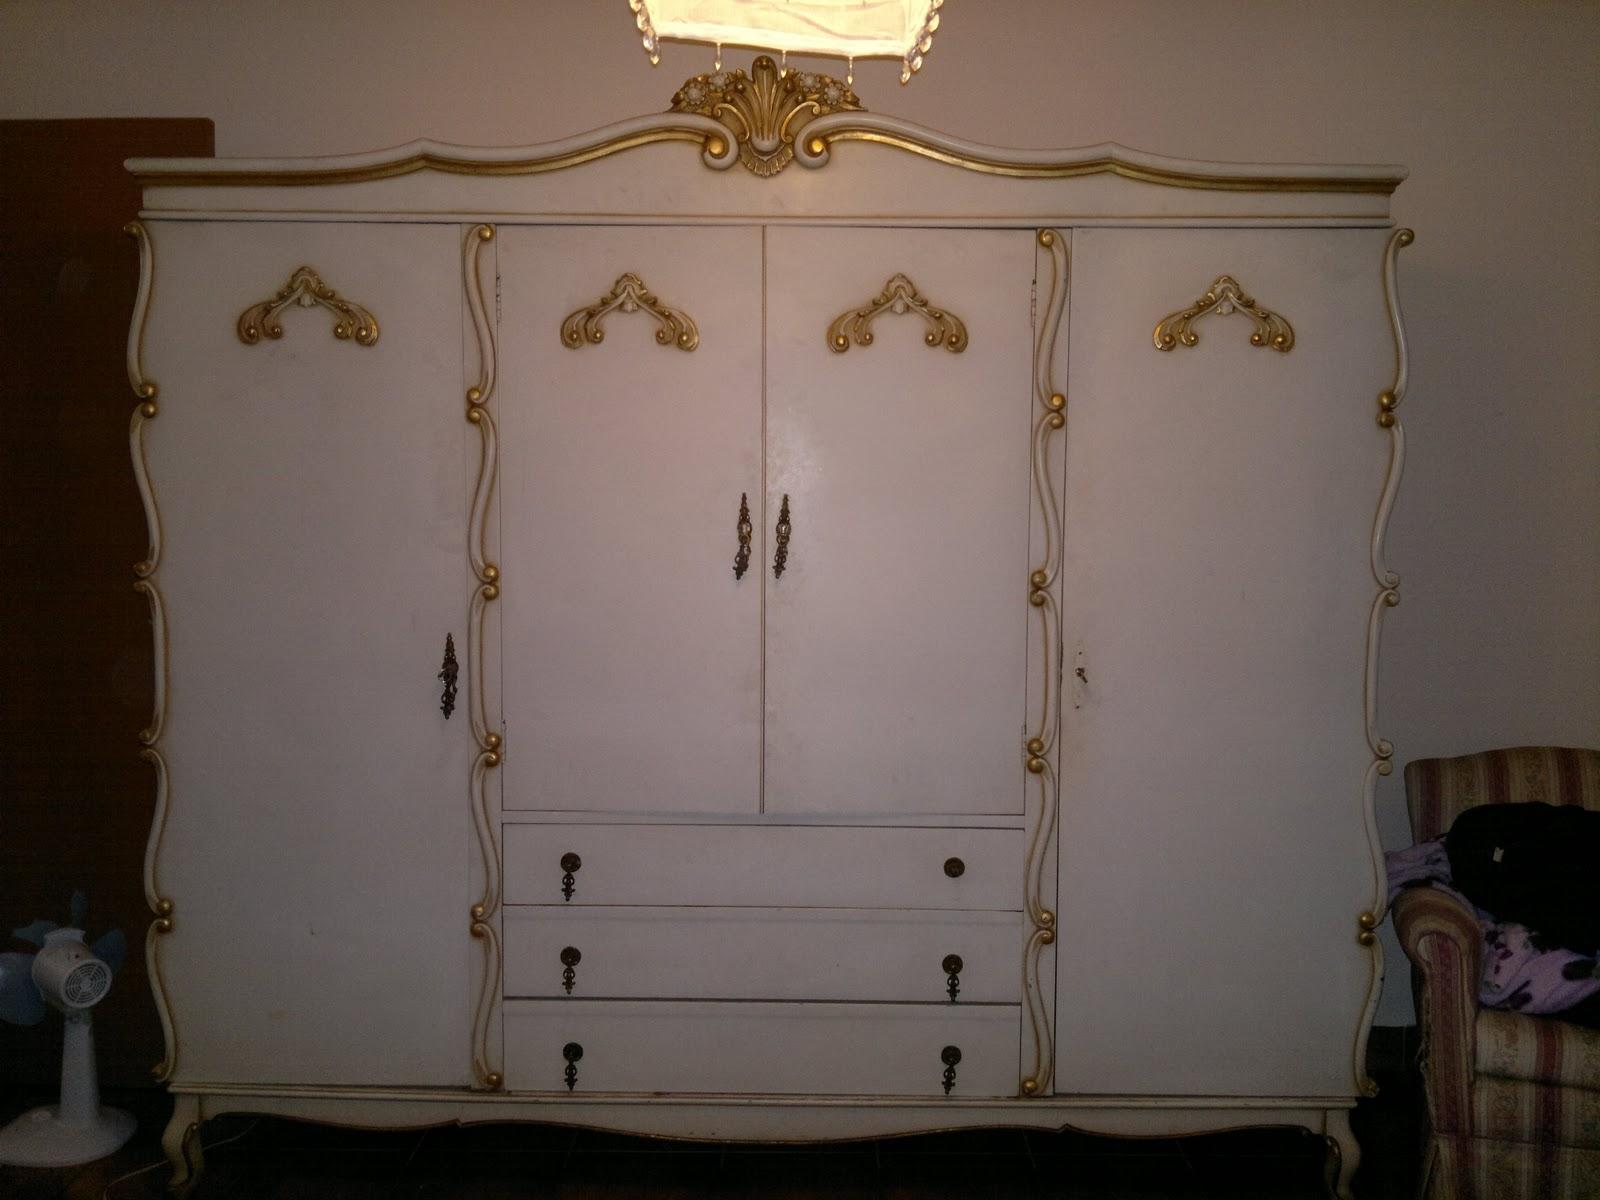 Fazendo Arte com a Ju Martini: Renovando meu quarto etapa: Móveis  #C2A309 1600x1200